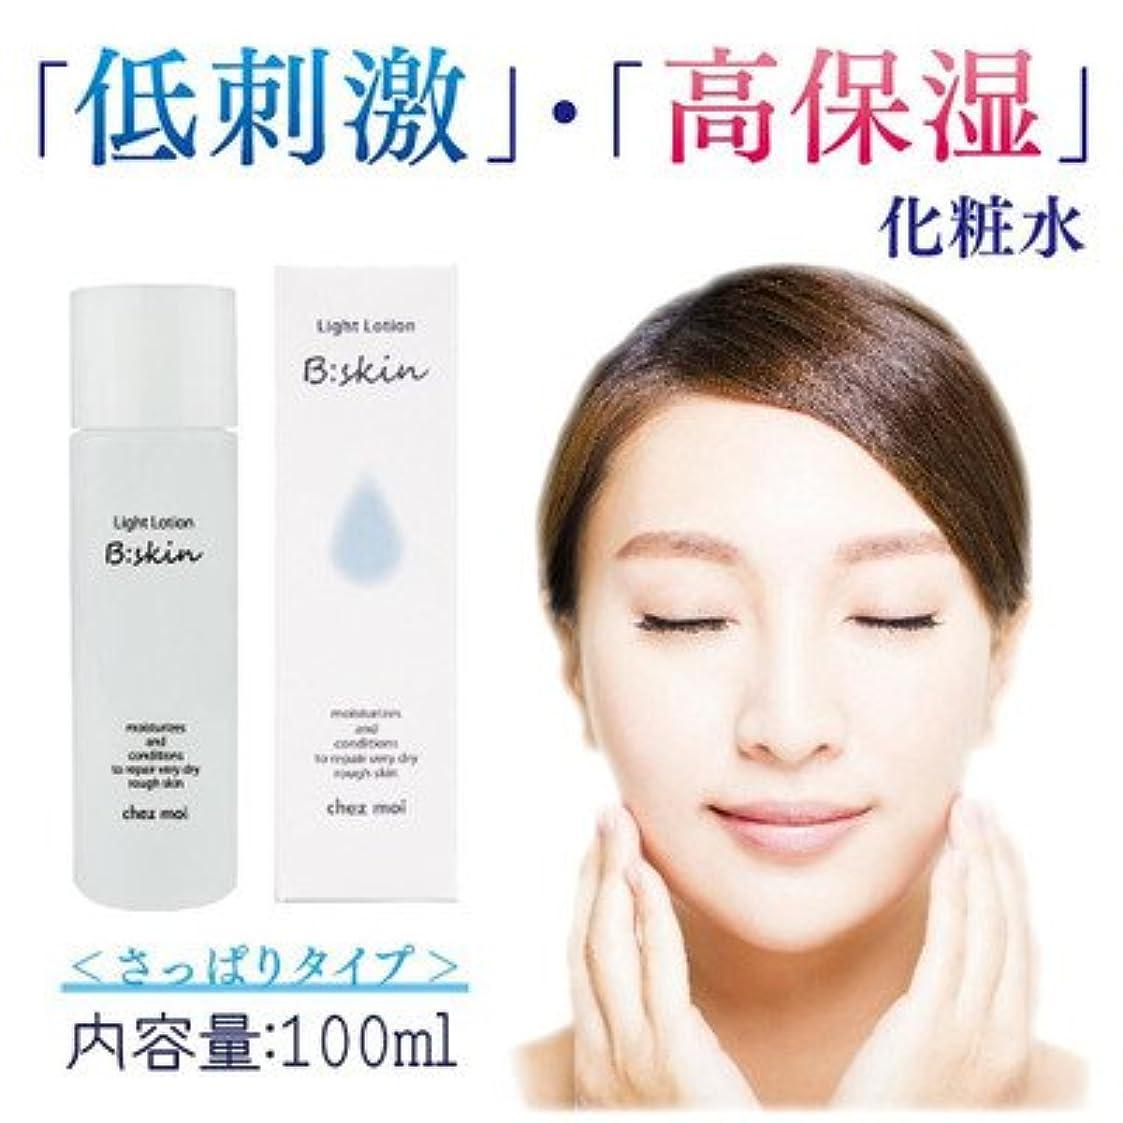 装置レモン検索低刺激 高保湿 さっぱりタイプの化粧水 B:skin ビースキン Light Lotion ライトローション さっぱりタイプ 化粧水 100mL